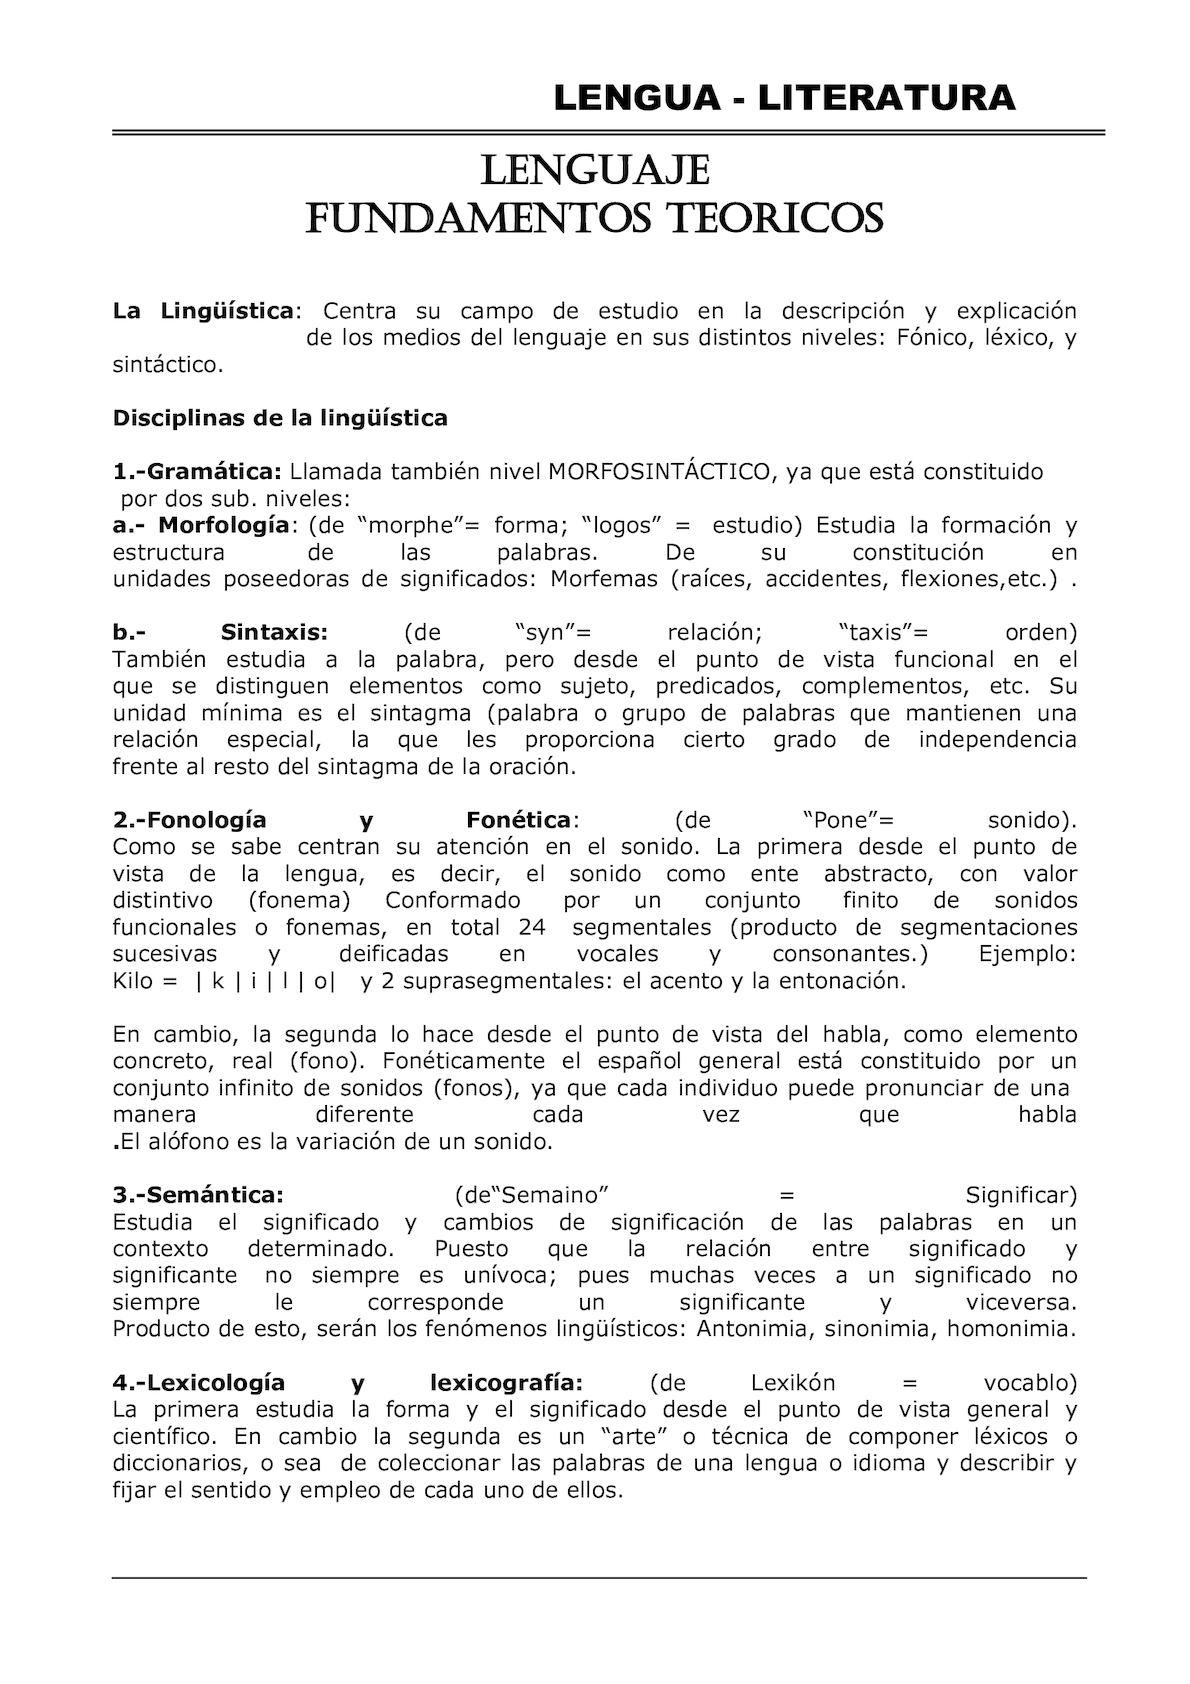 Calaméo - 0 Lenguaje Y Literatura Teoria Completa